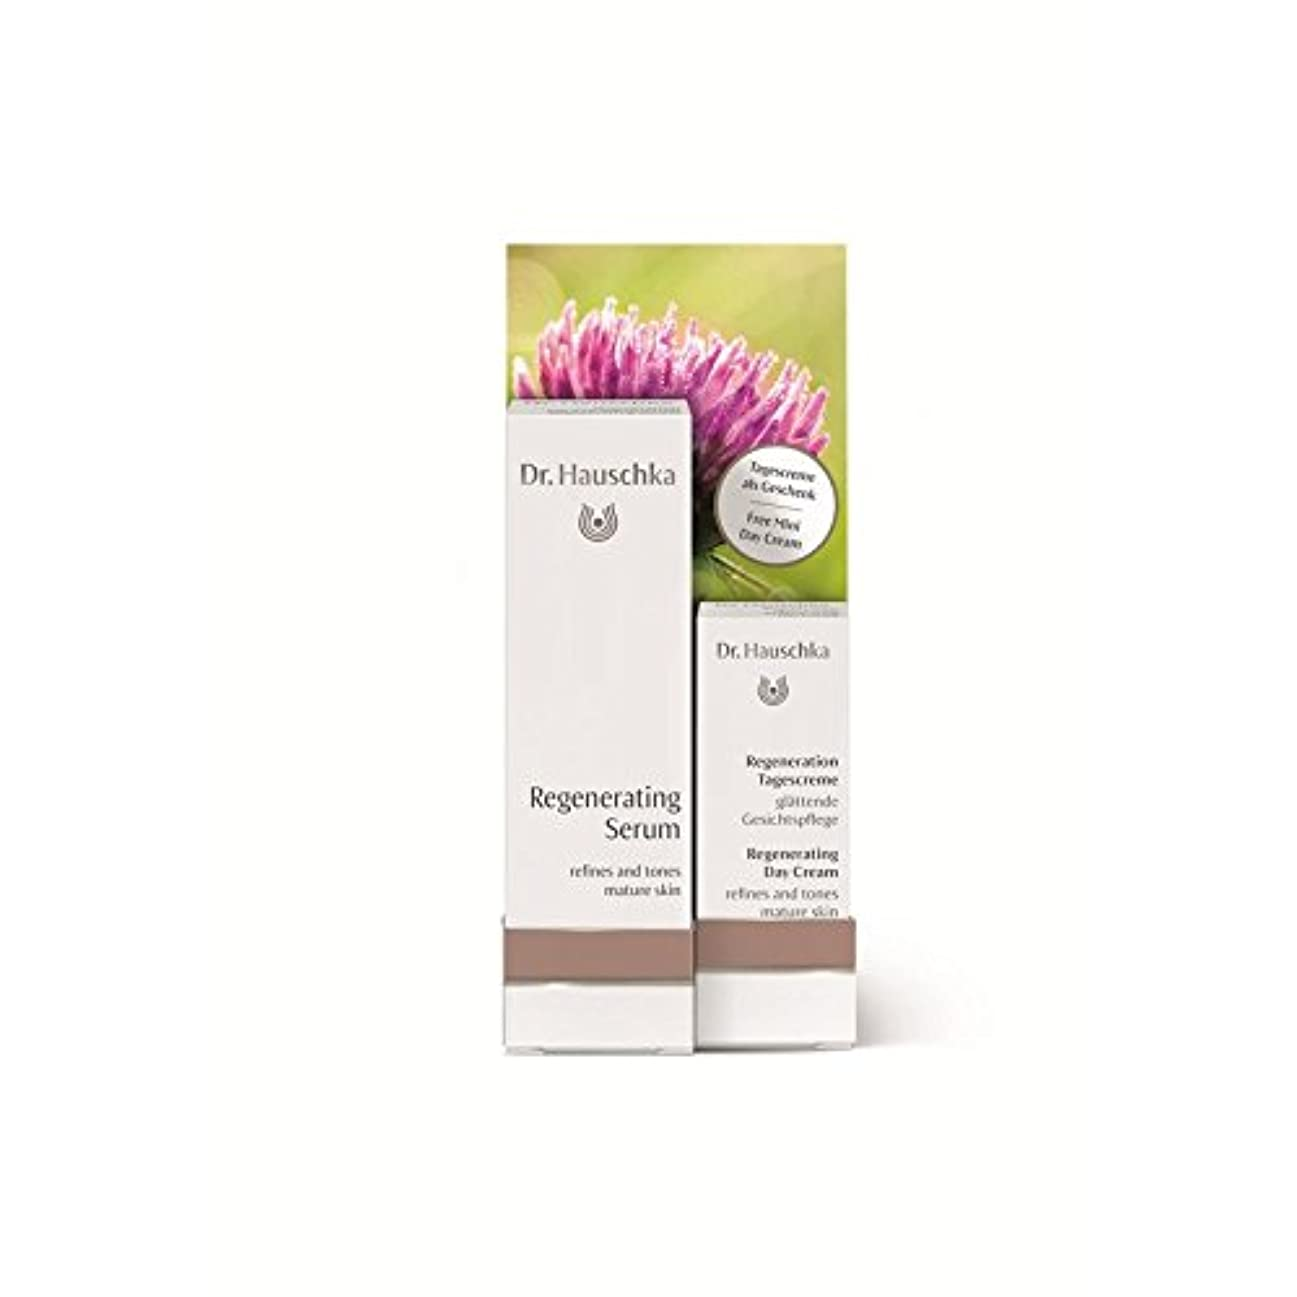 光沢のあるシャワーにんじん無料の再生デイクリーム5ミリリットルで血清を再生ハウシュカ x4 - Dr. Hauschka Regenerating Serum with a Free Regenerating Day Cream 5ml (Pack...